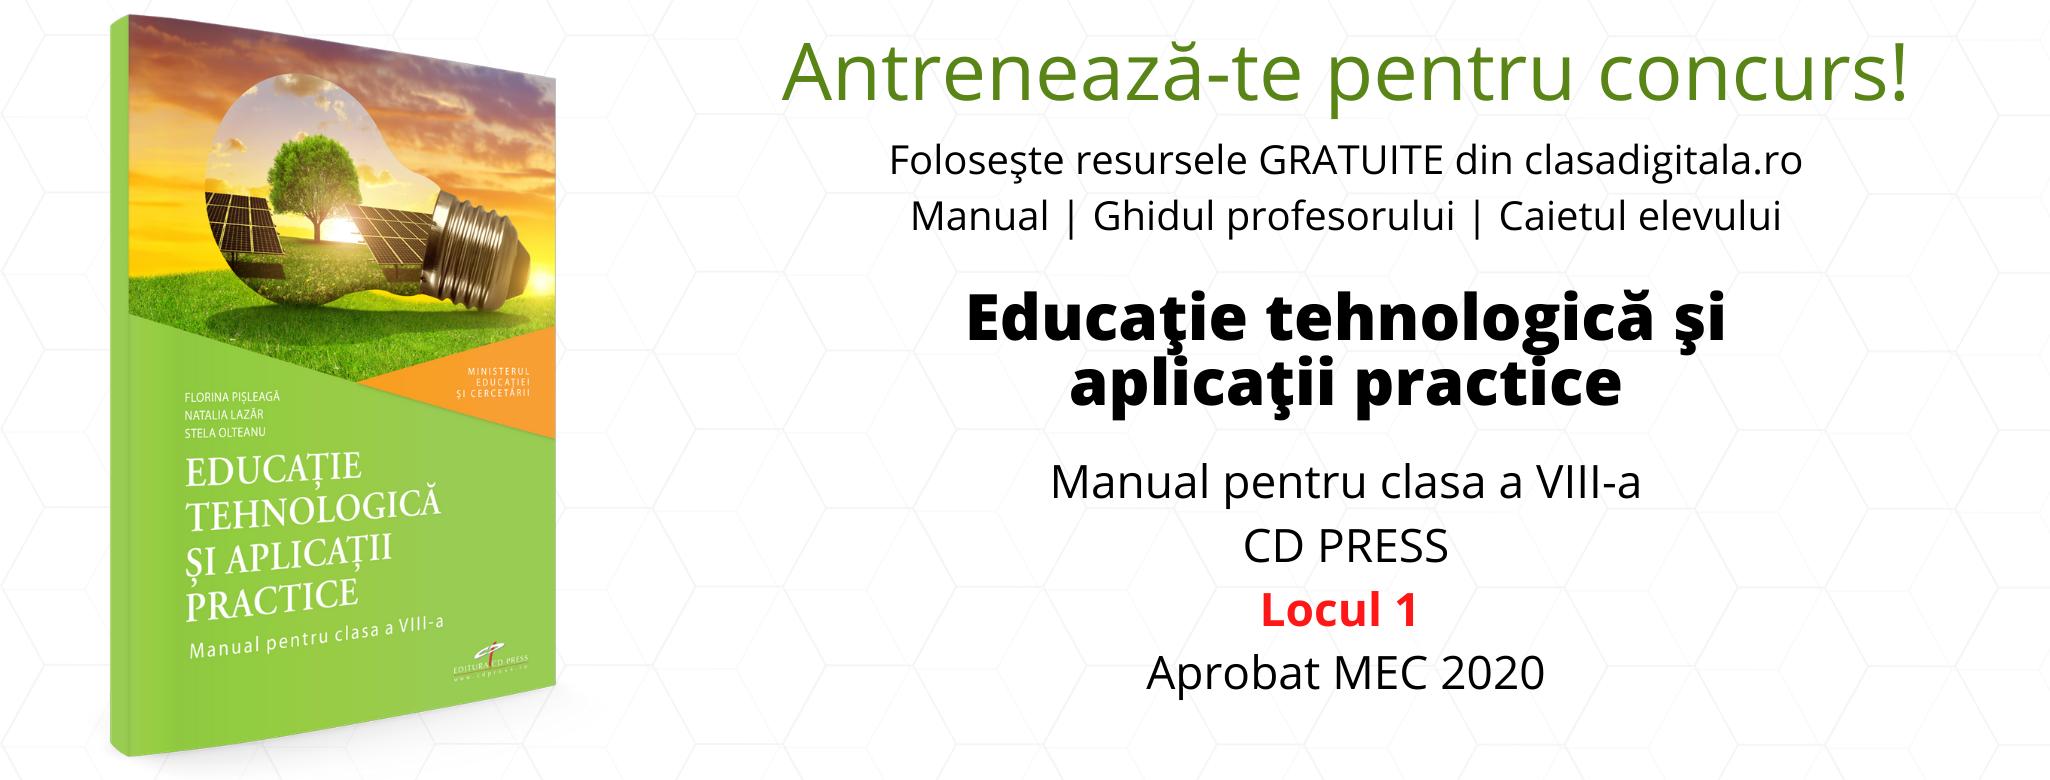 https://clasadigitala.ro/prezentare-produs/educatie-tehnologica-si-aplicatii-practice-manual-pentru-clasa-a-viii-a/